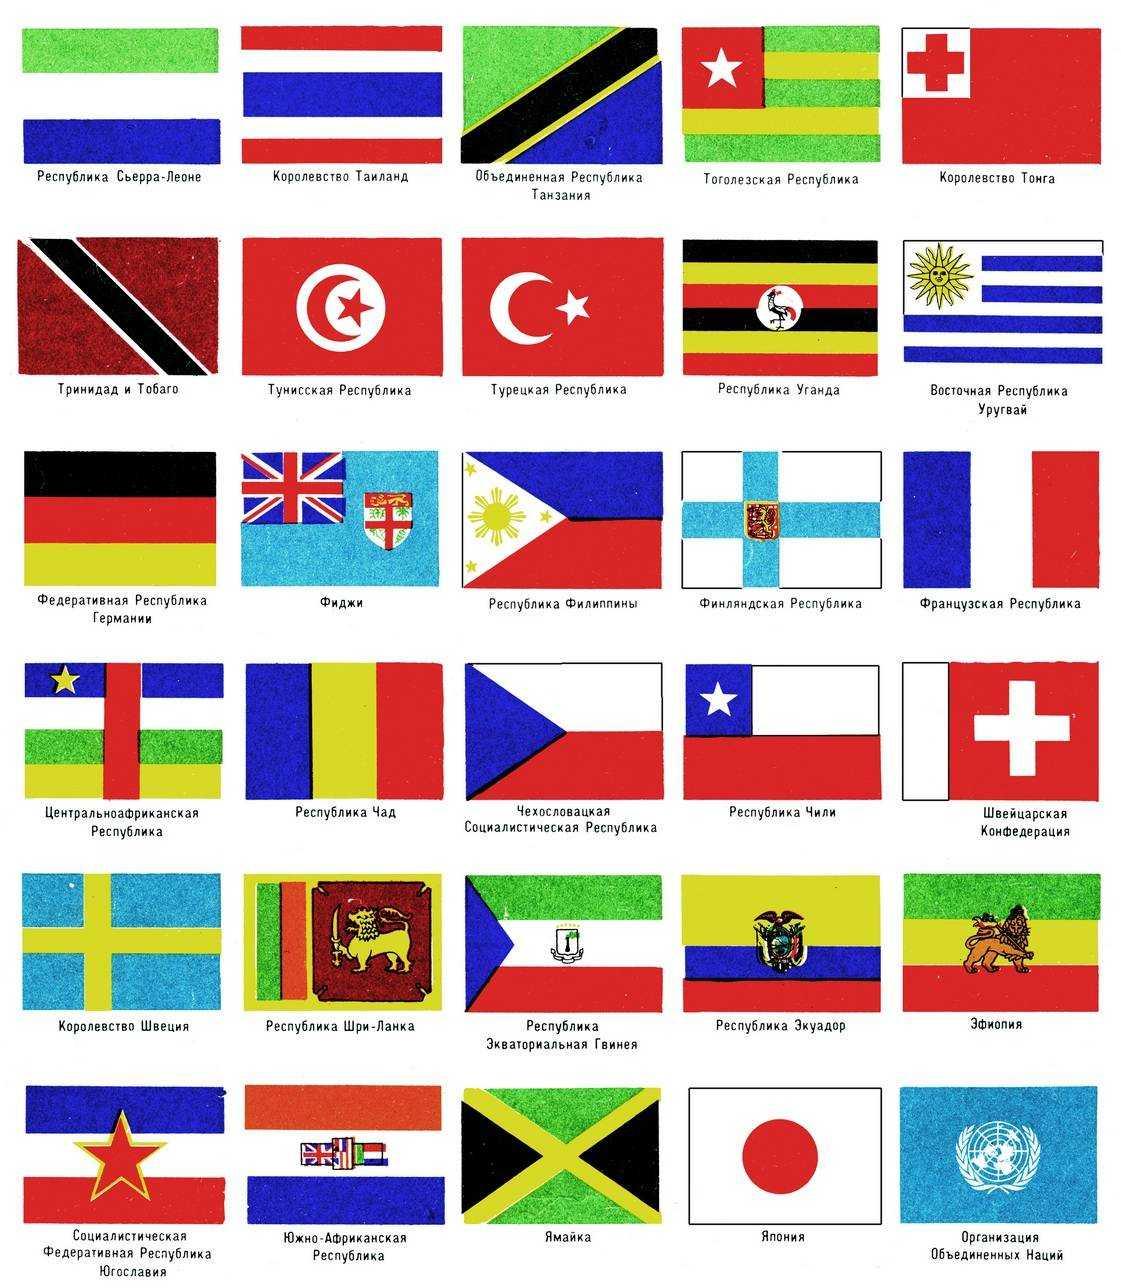 морские флаги стран мира в картинках с названиями страны российских регионов пользуются